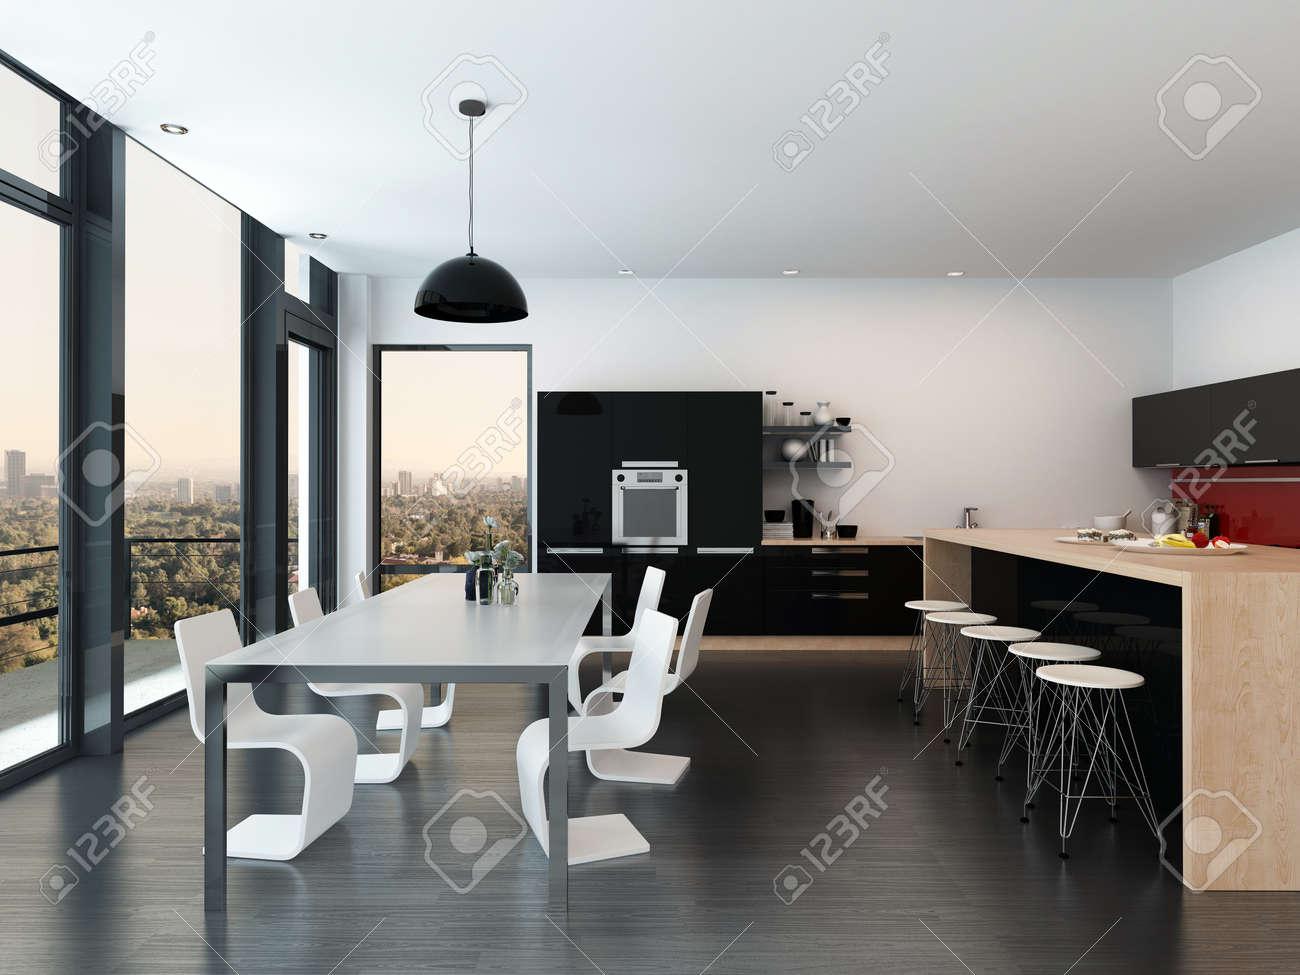 Cuisine Ouverte Avec Bar moderne cuisine ouverte et salle à manger décoration intérieure avec une  suite de salle moulé, appareils équipés et armoires, comptoir de bar, et du